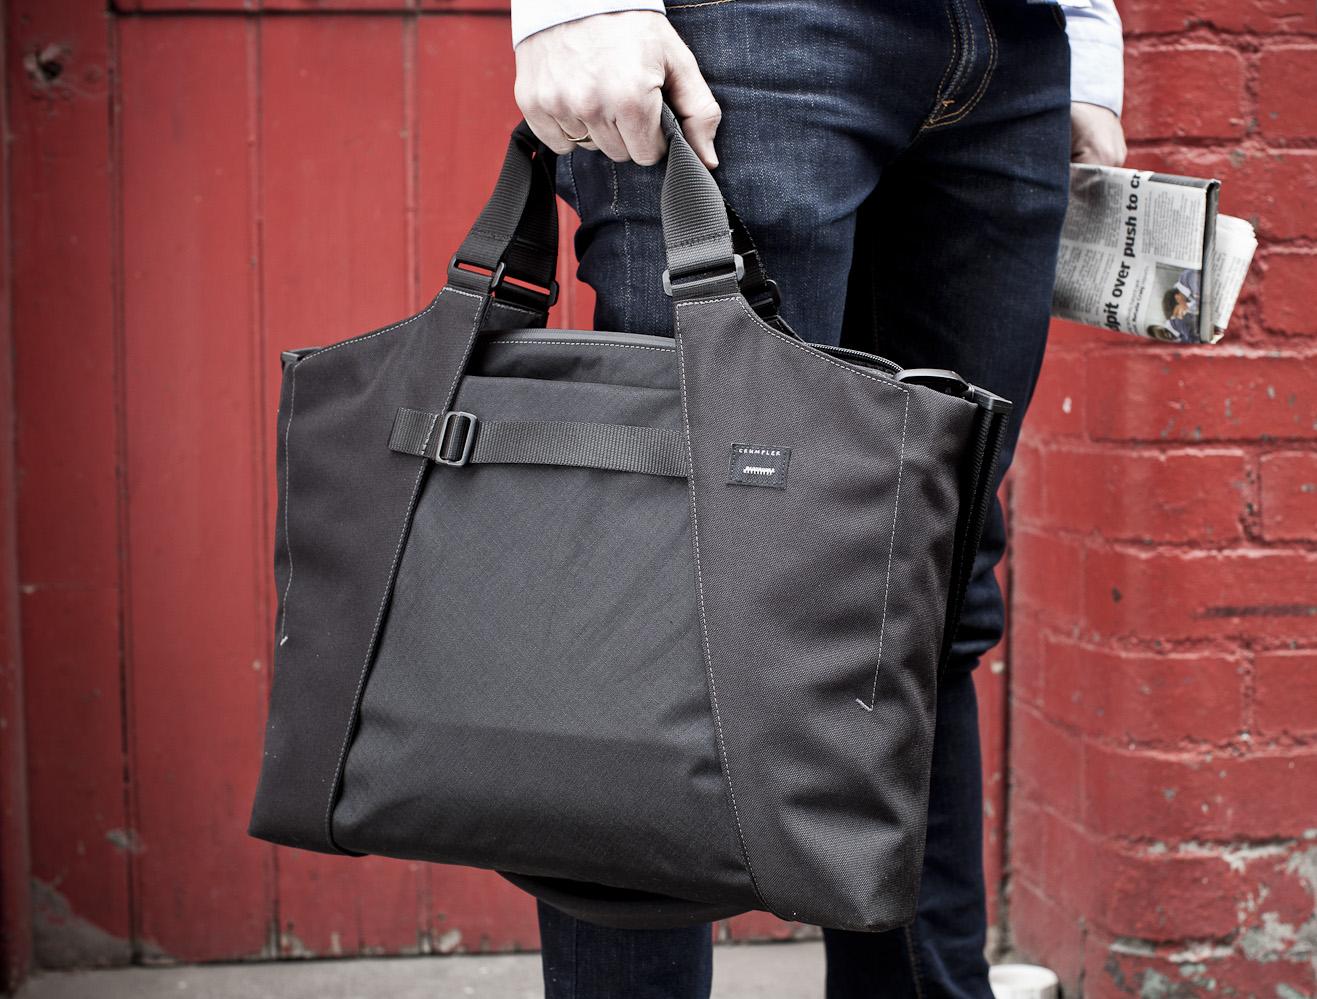 Factors Concerning Laptop Bags